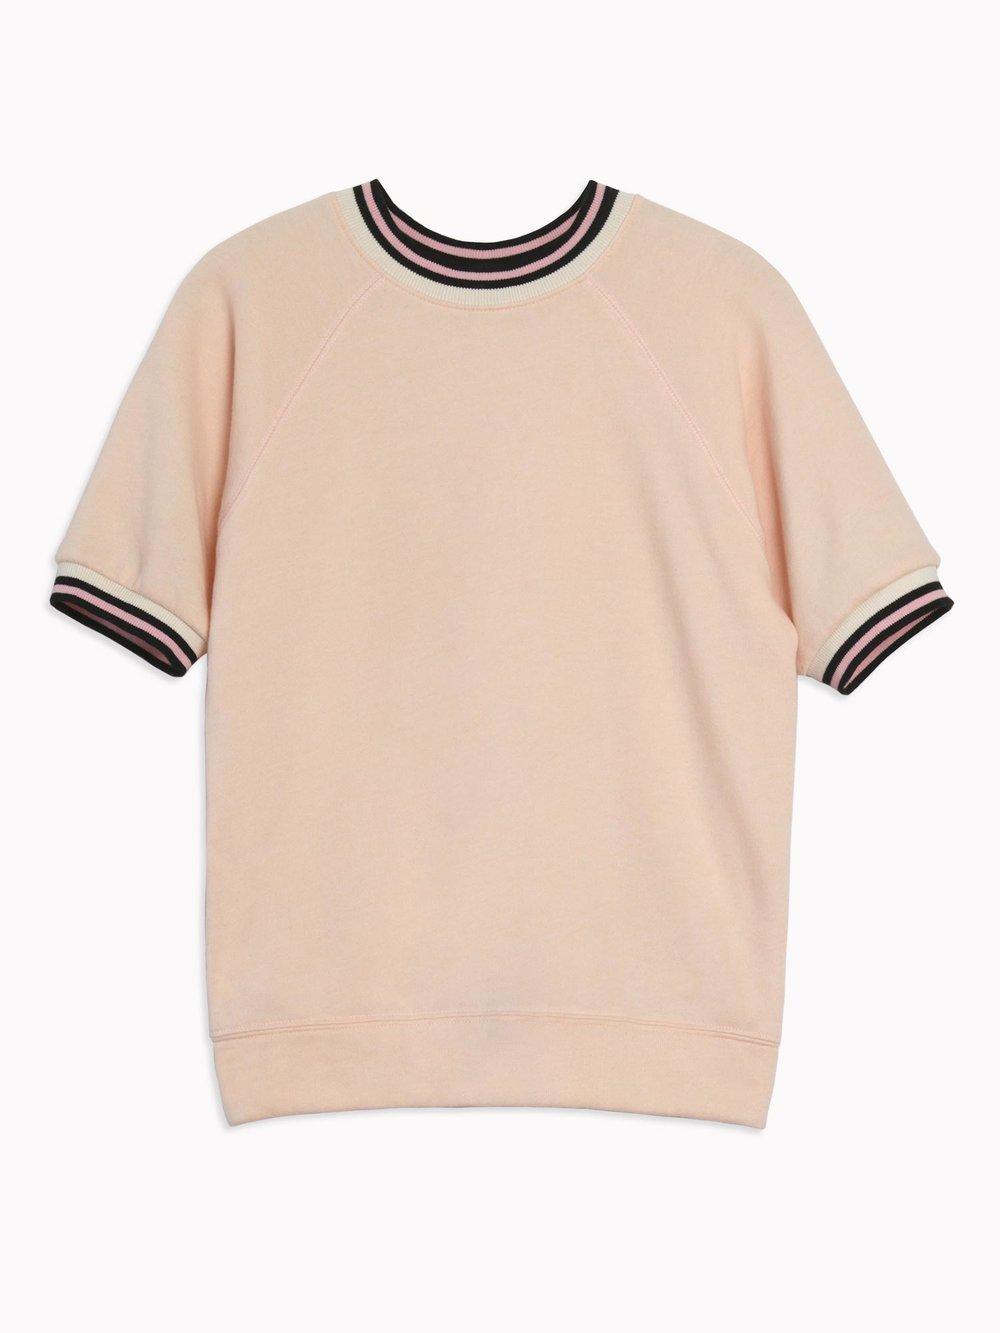 Gilda Sweatshirt in Bisque.jpg